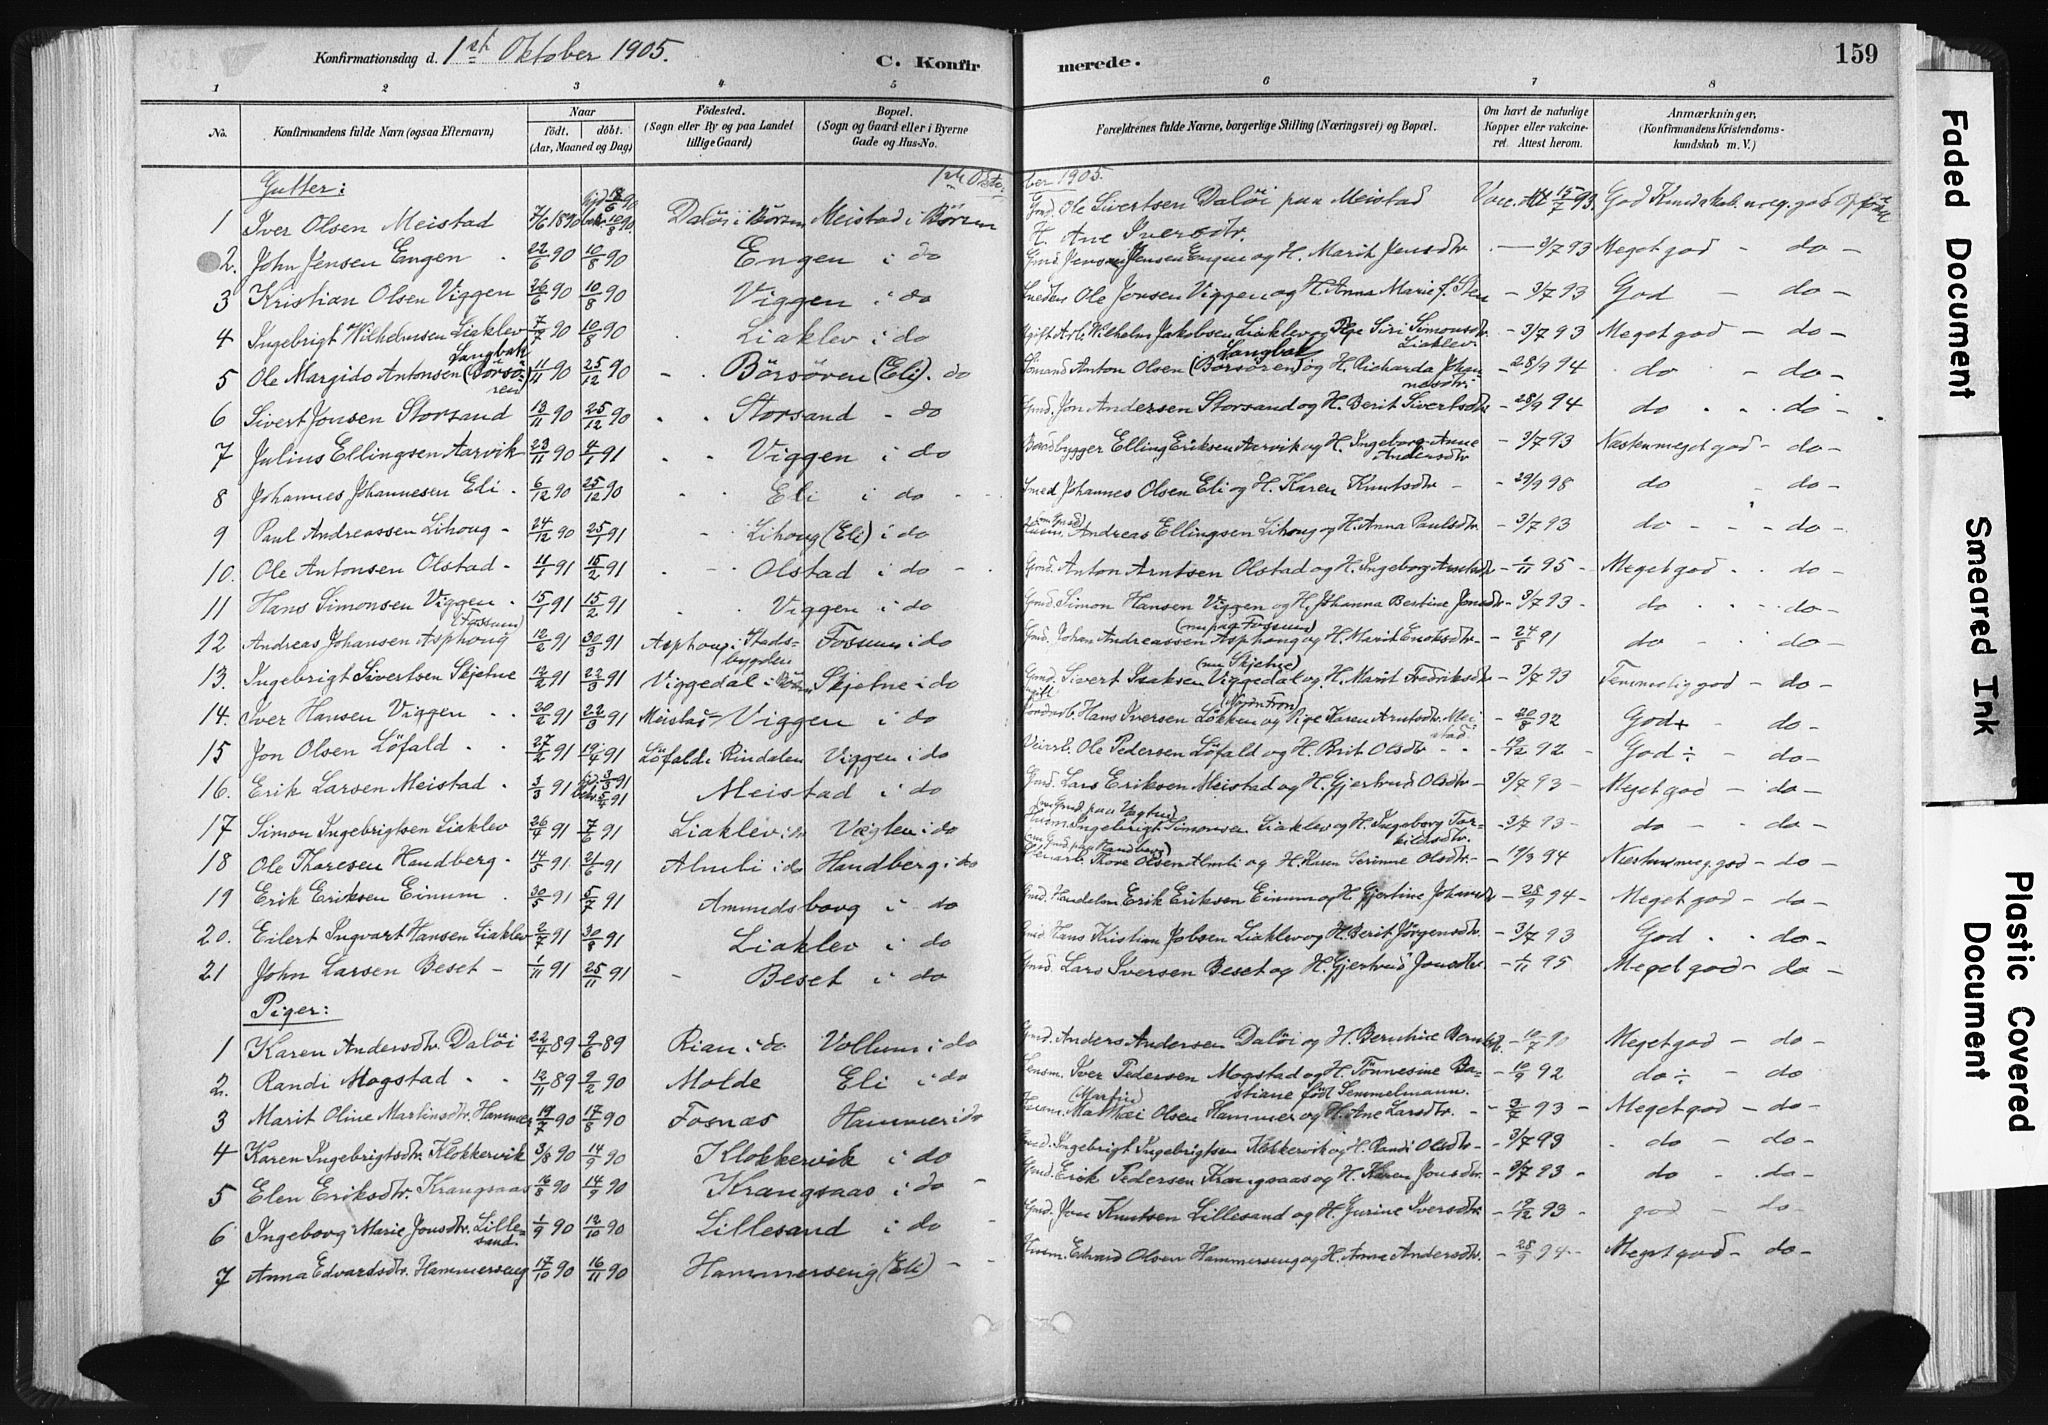 SAT, Ministerialprotokoller, klokkerbøker og fødselsregistre - Sør-Trøndelag, 665/L0773: Ministerialbok nr. 665A08, 1879-1905, s. 159